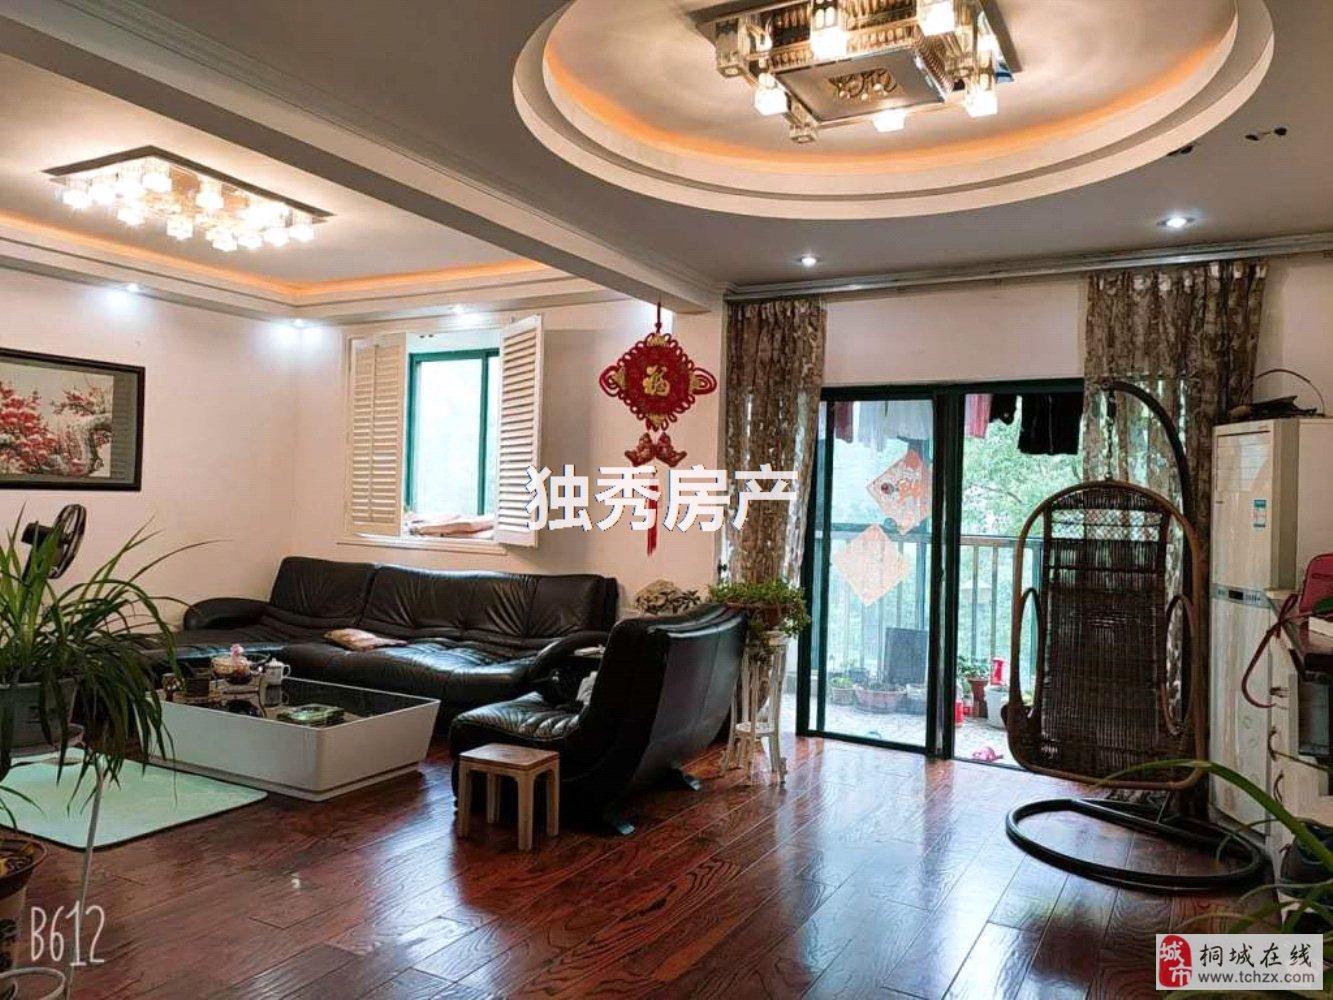 出售山水龙城叠加别墅精装4室2厅3卫150万元